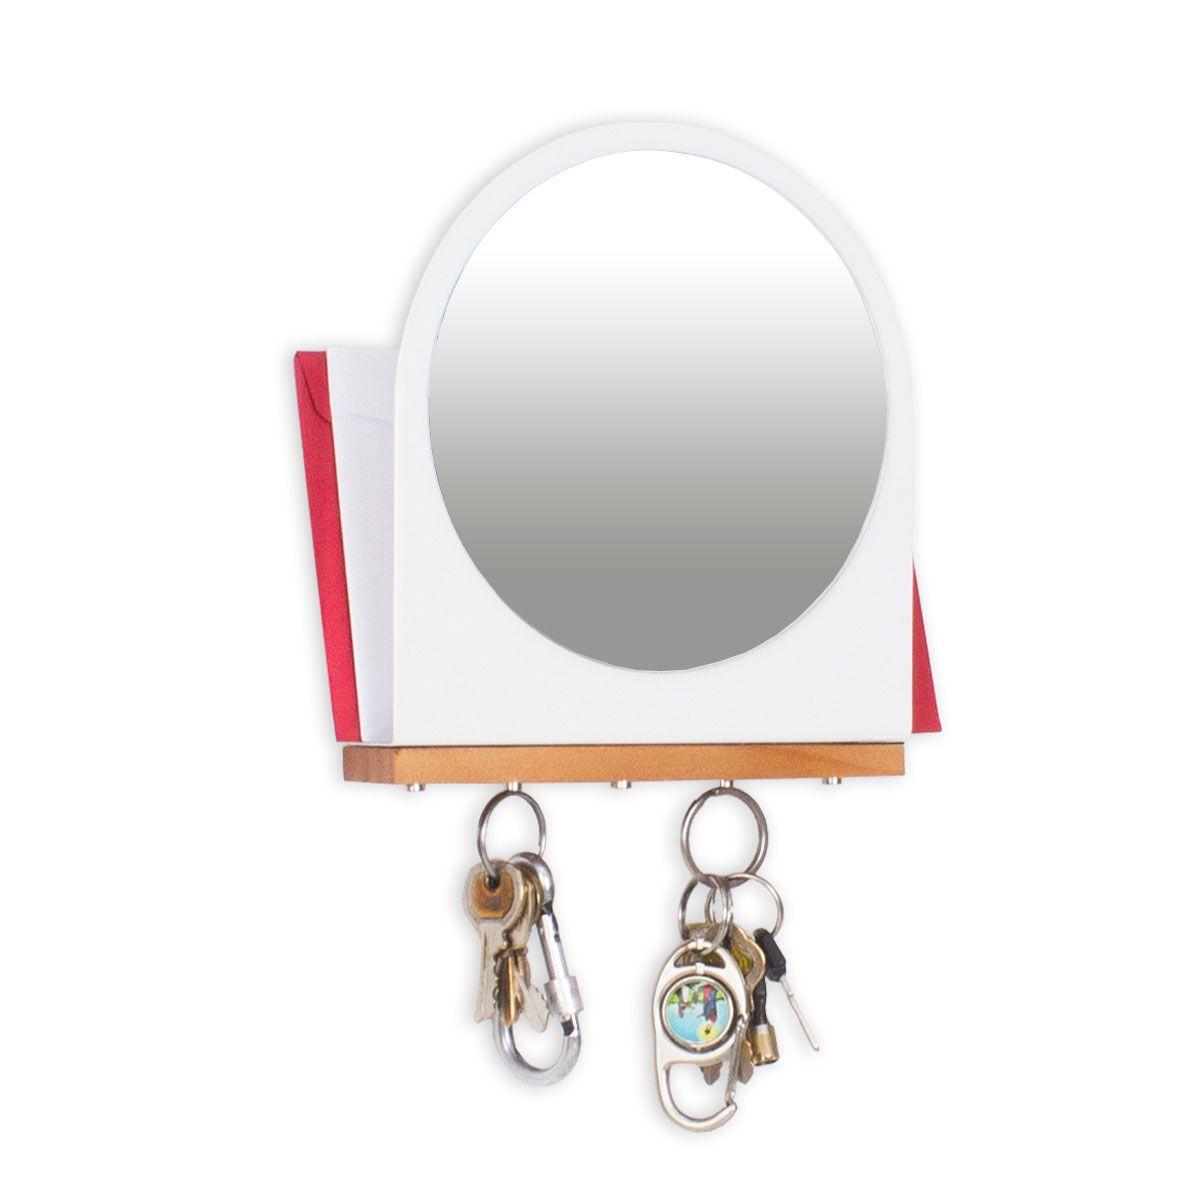 Porta Chaves e Cartas com Imã Espelho Branco